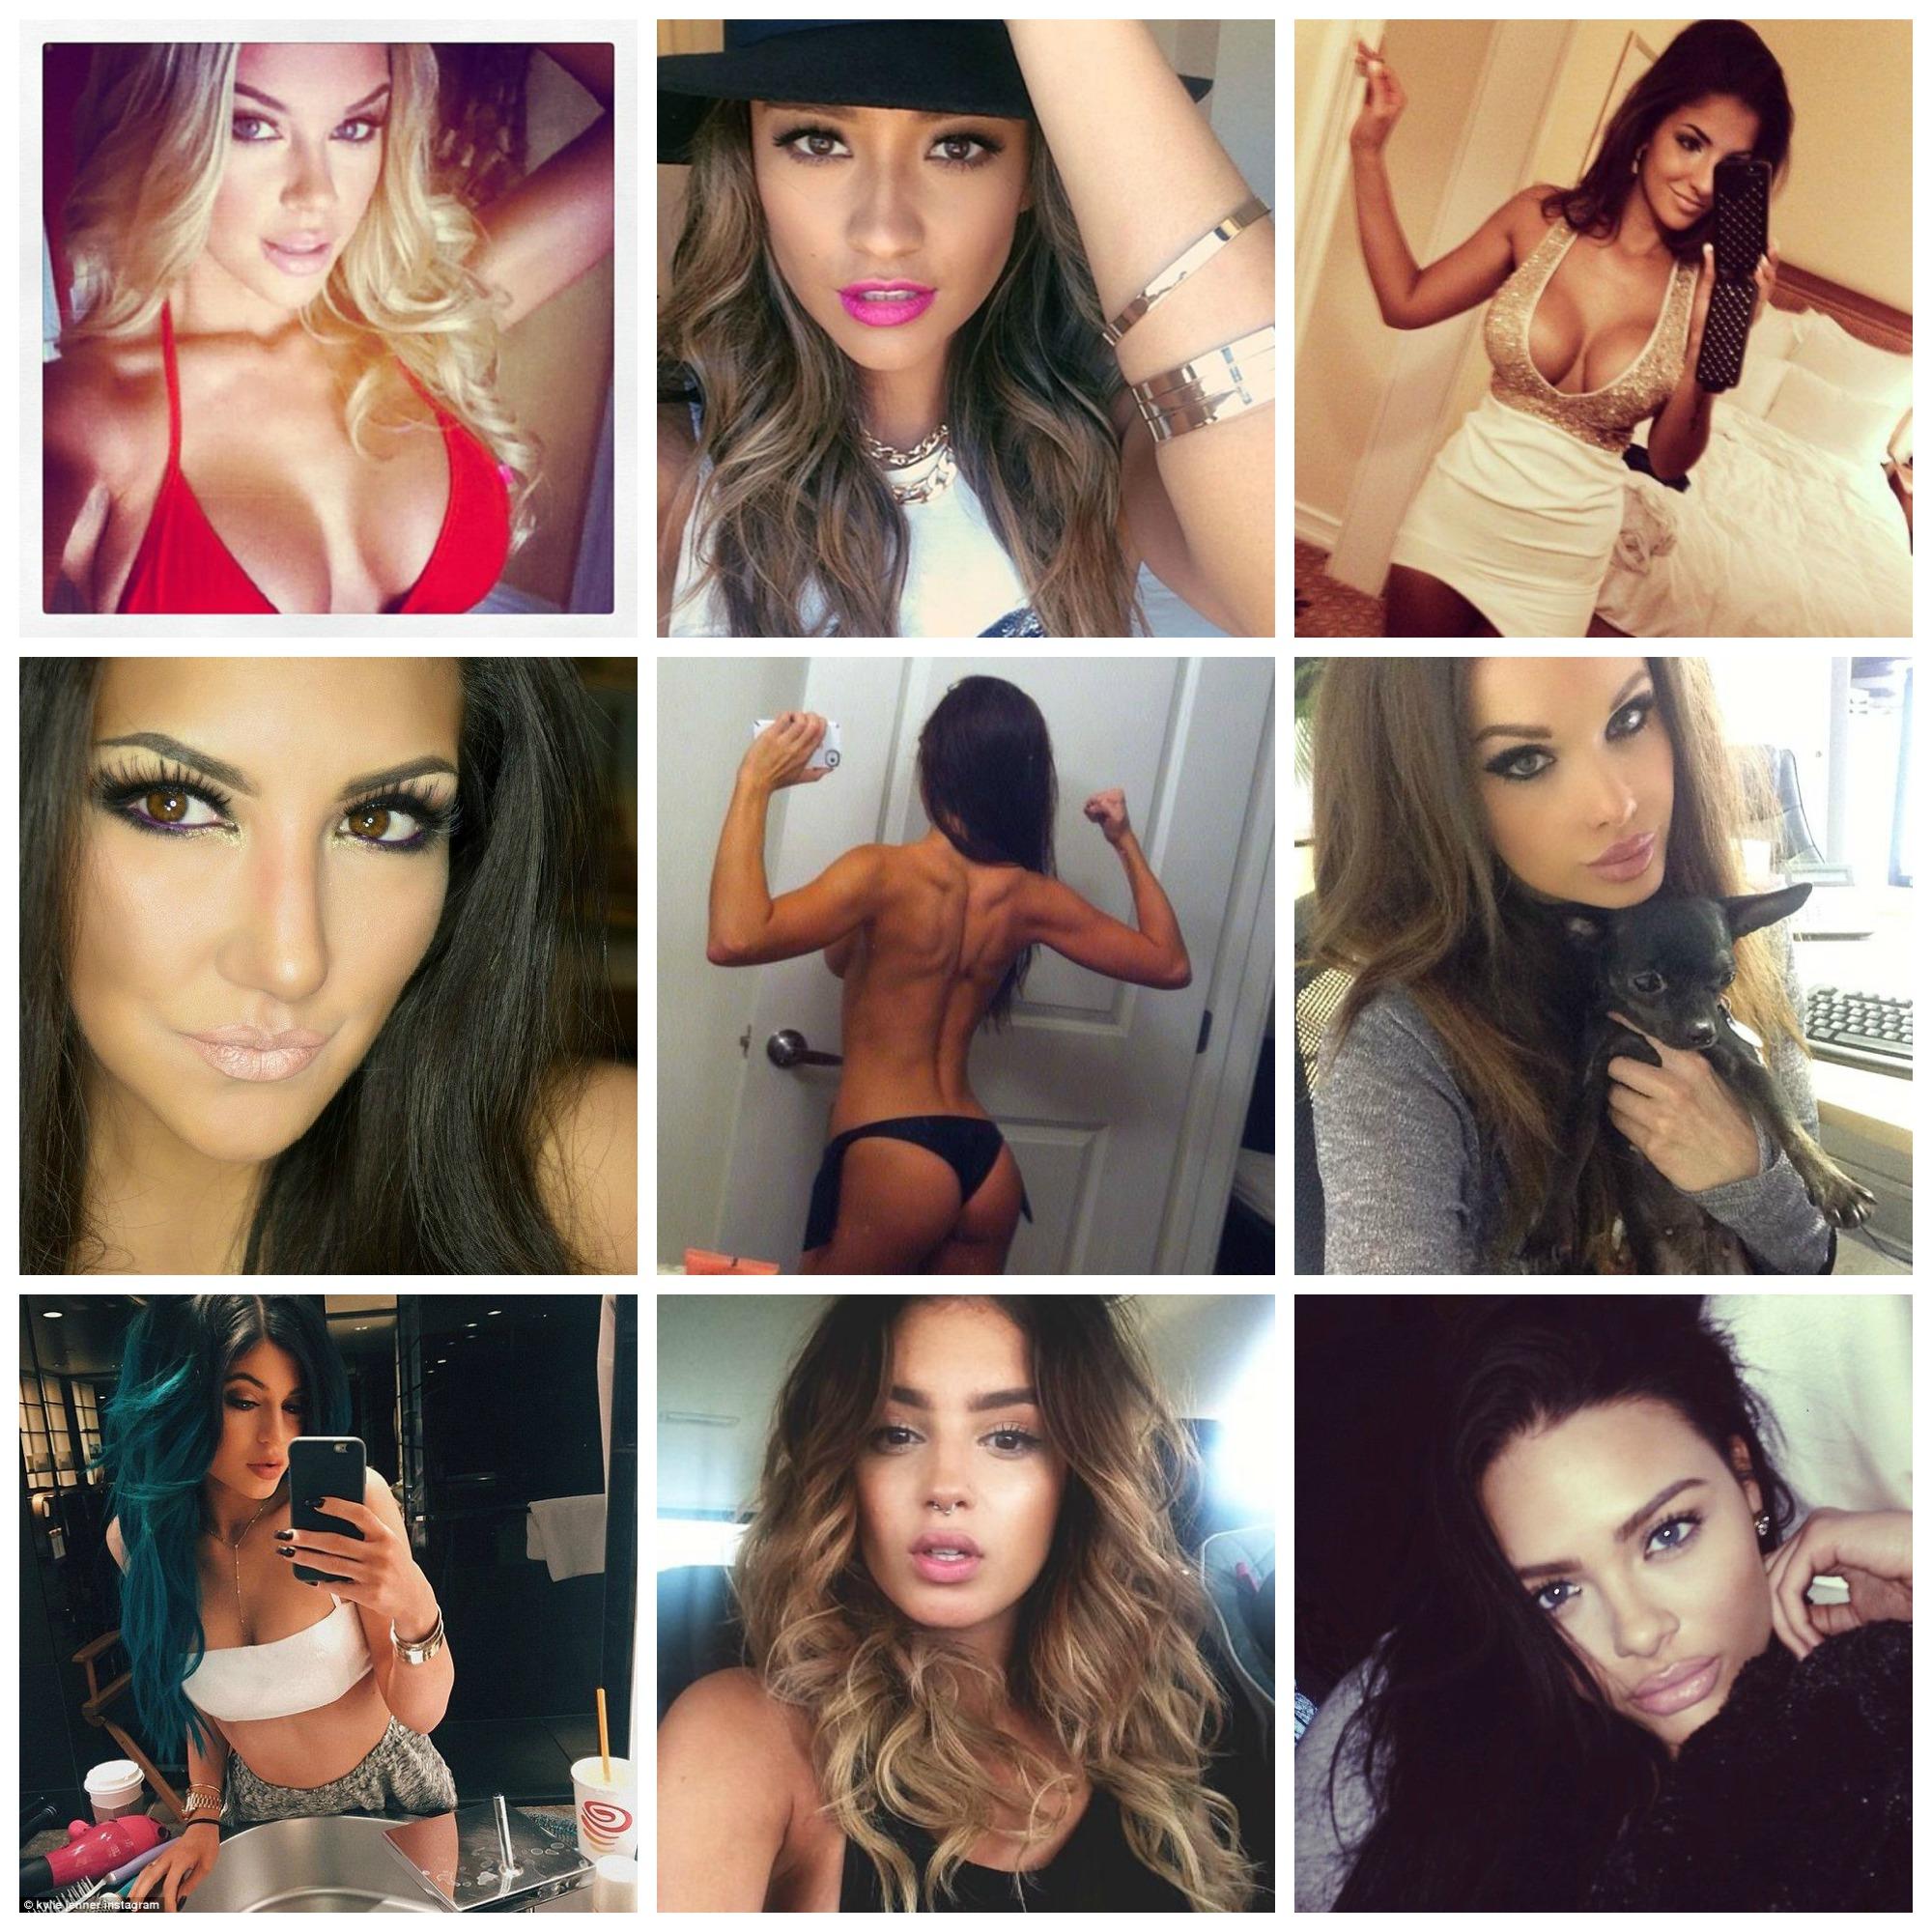 selfie_collage.jpg